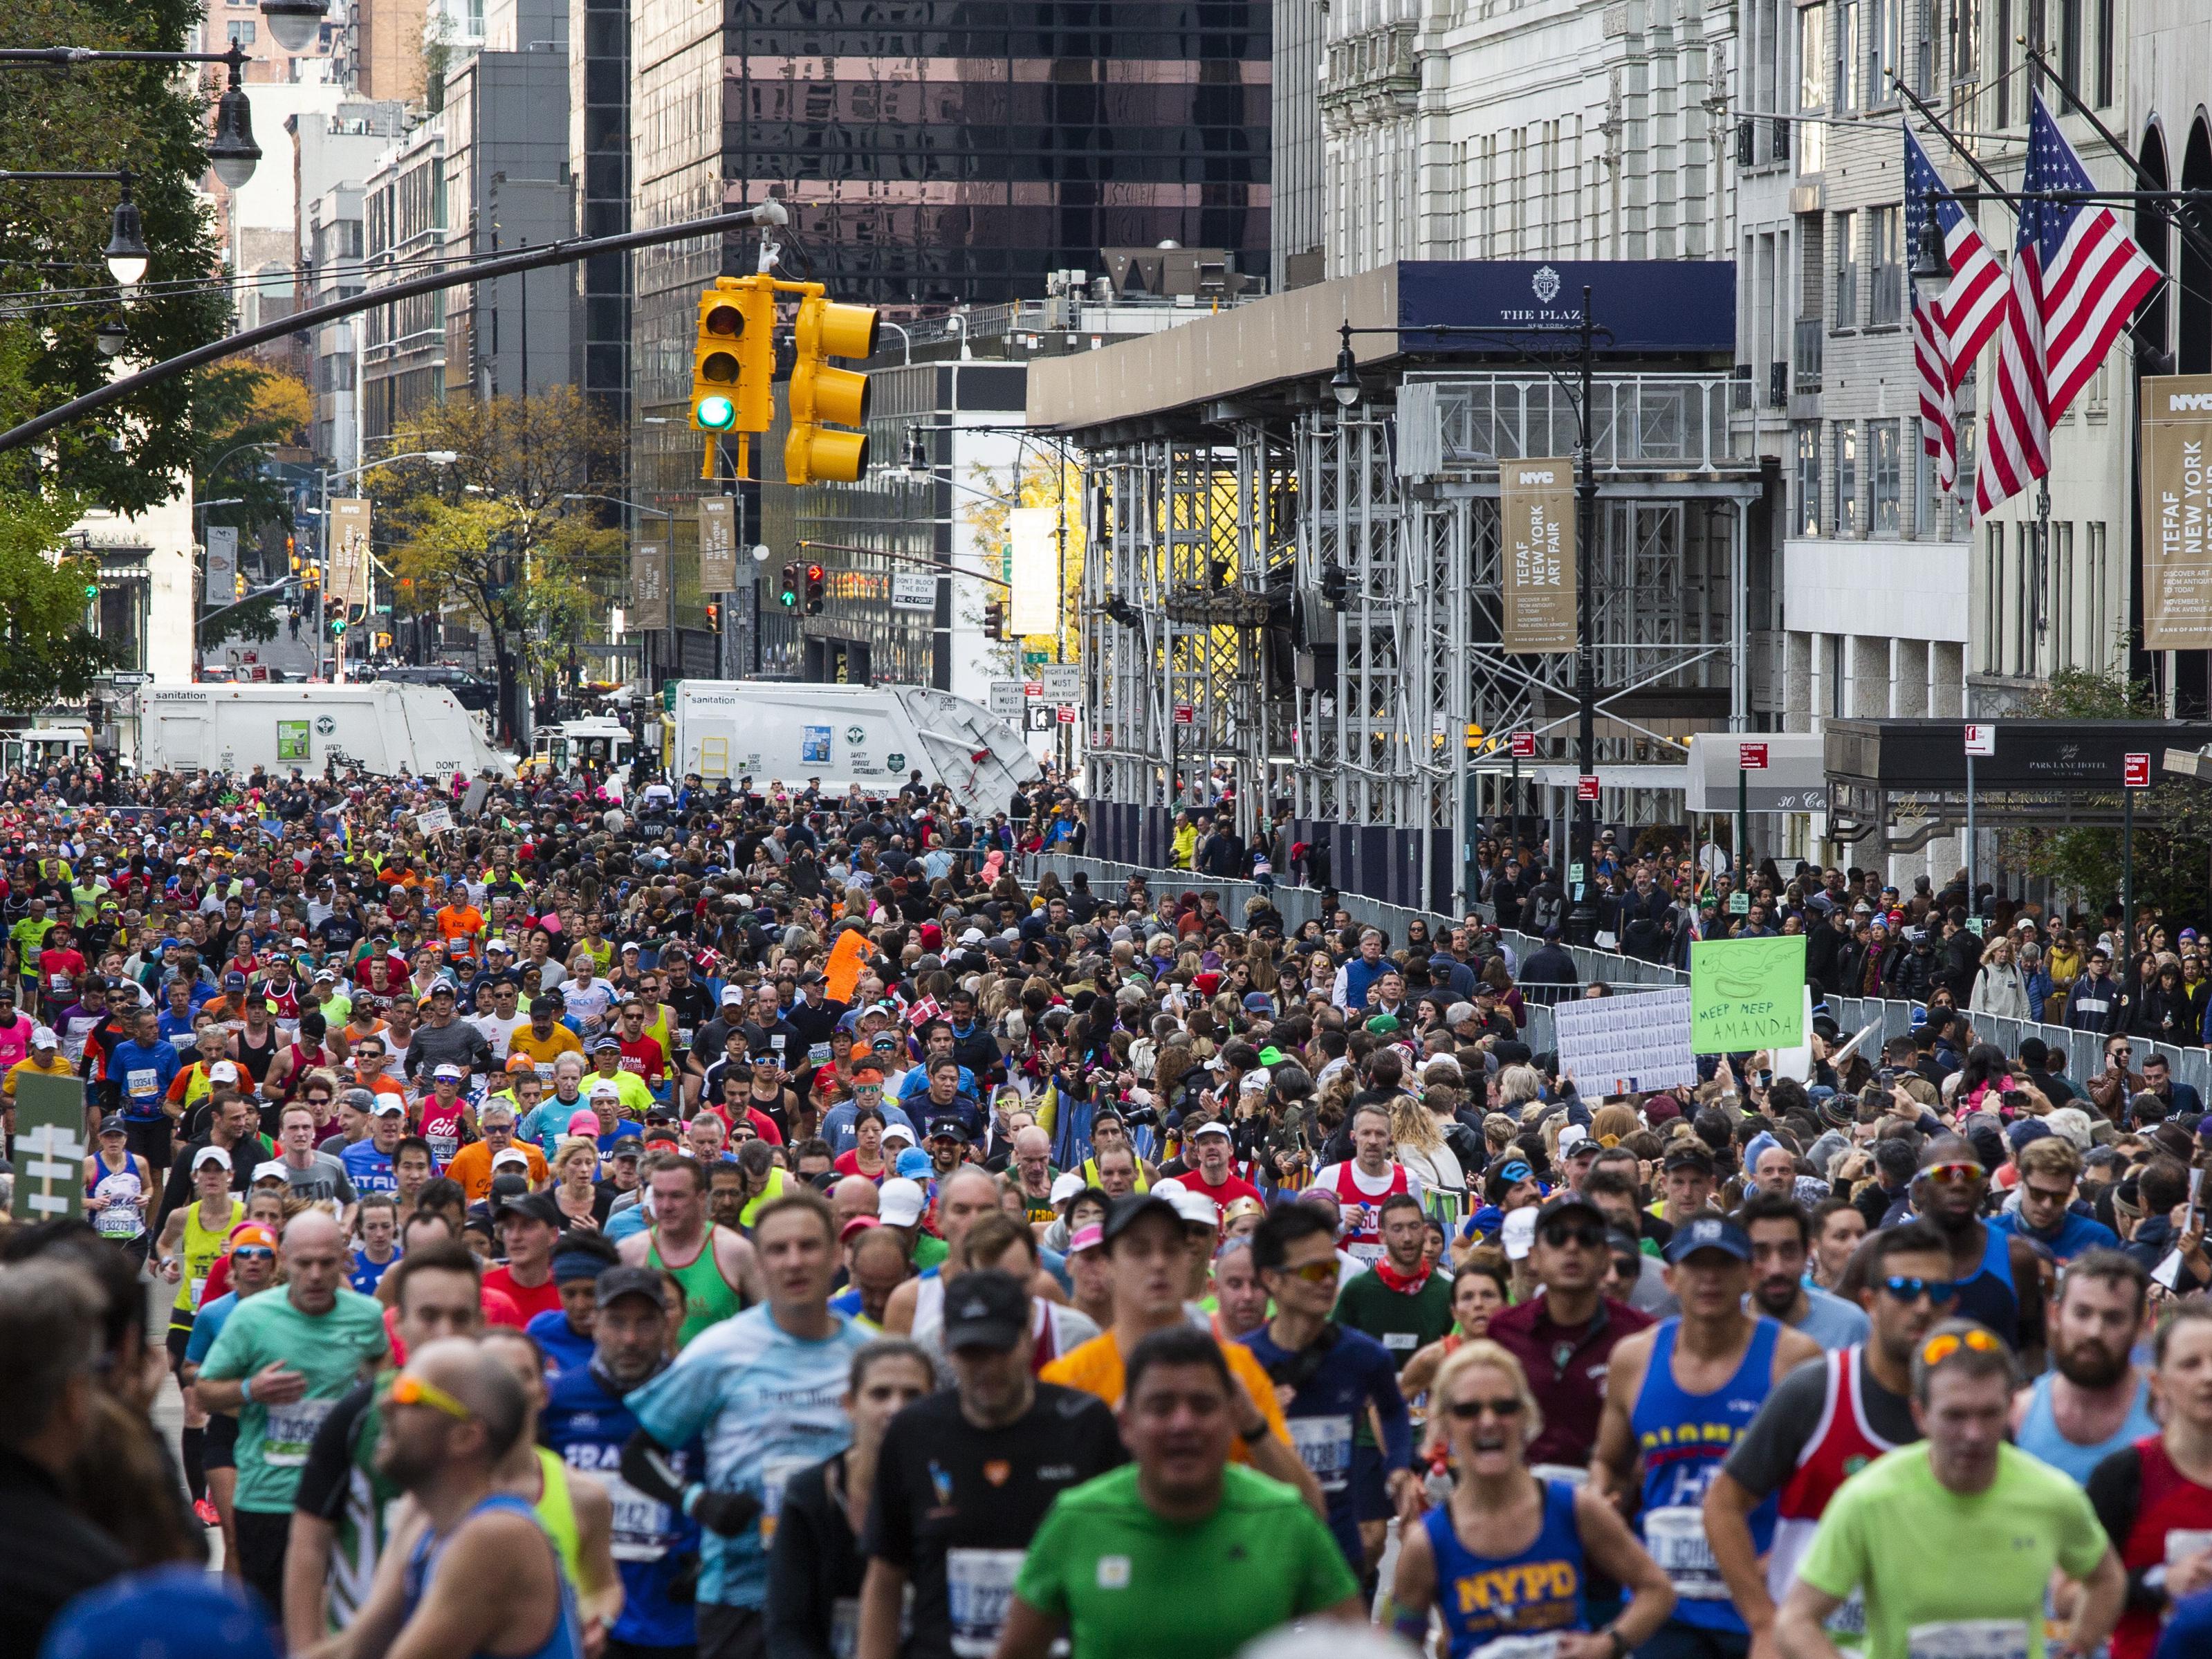 New York City Marathon Canceled Due To Coronavirus Coronavirus Live Updates Npr